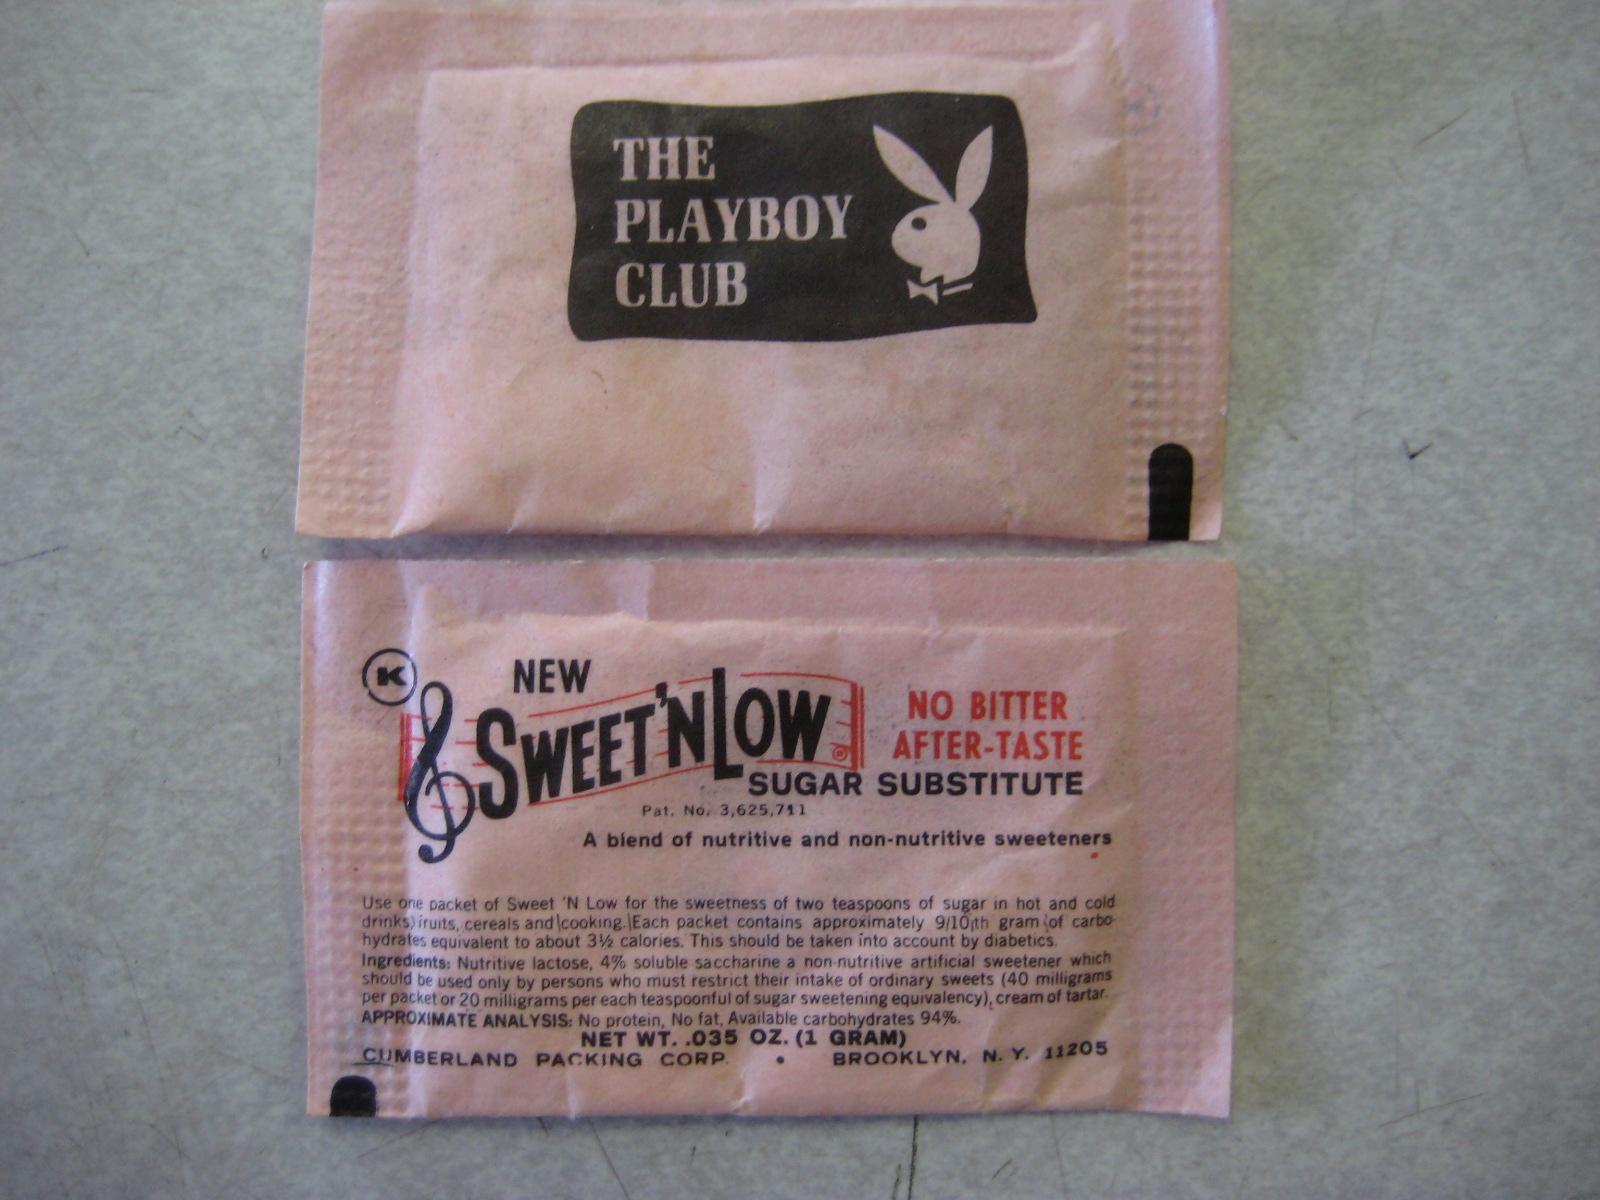 The Playboy Club Sweet 'N Low